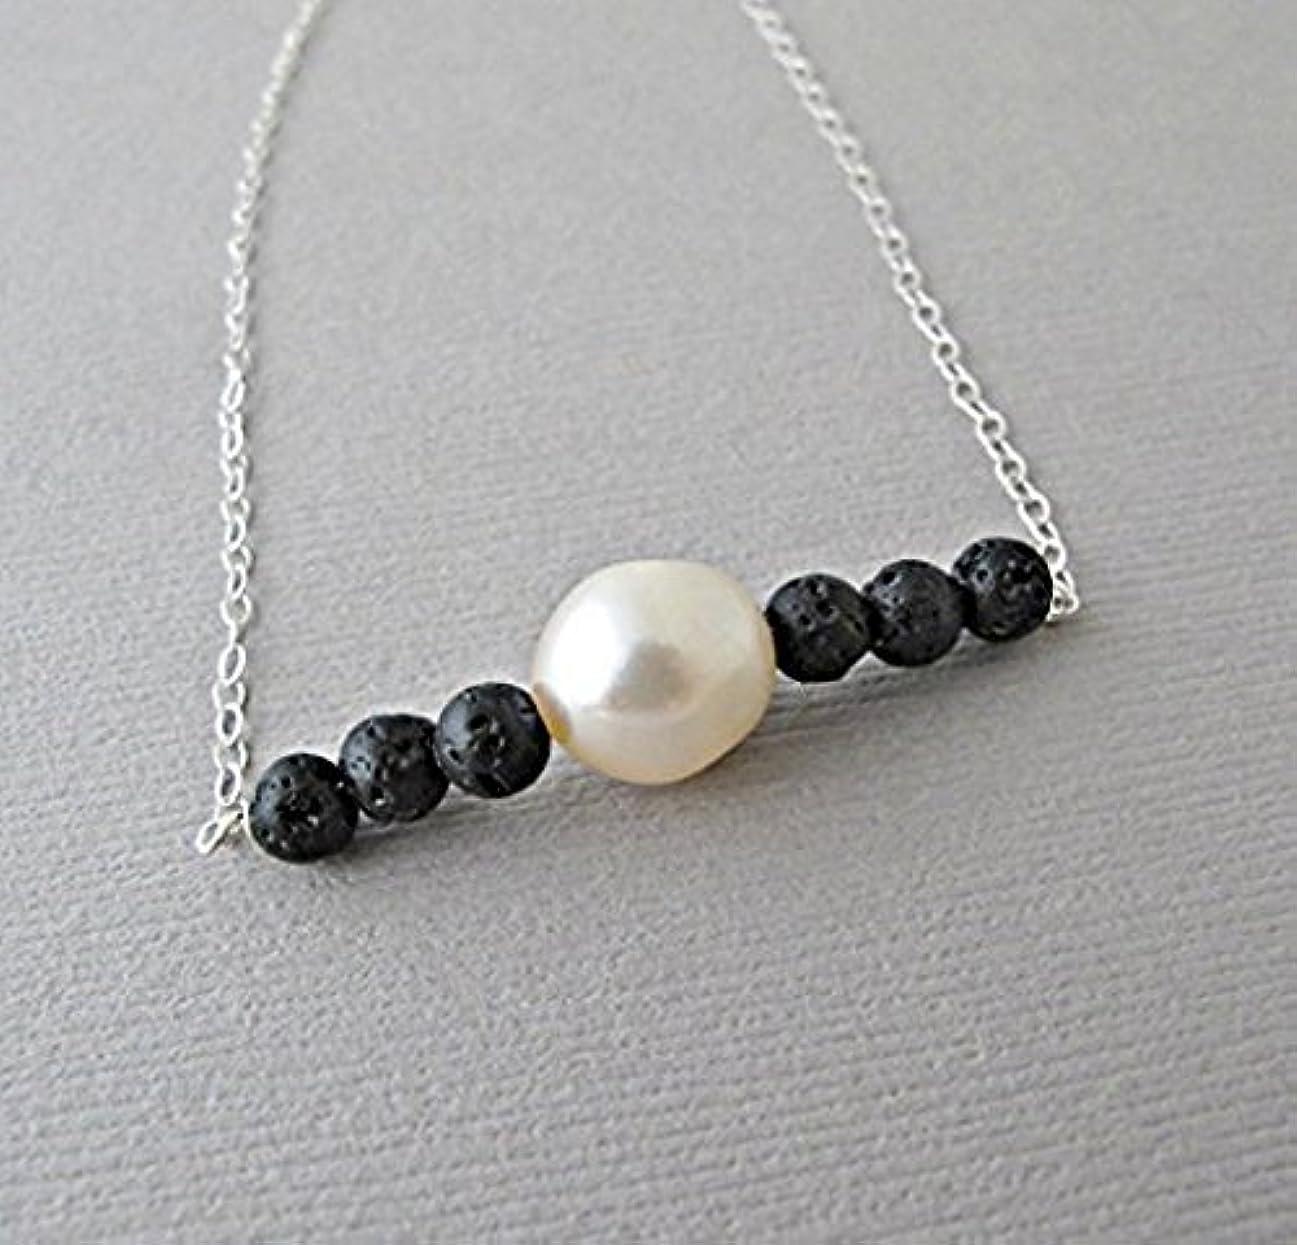 物語ラッカス距離18 inches Lava Pendant Essential Oil Necklace Diffuser Aromatherapy - Simple Minimalist Lava Bead Diffuser Necklace...